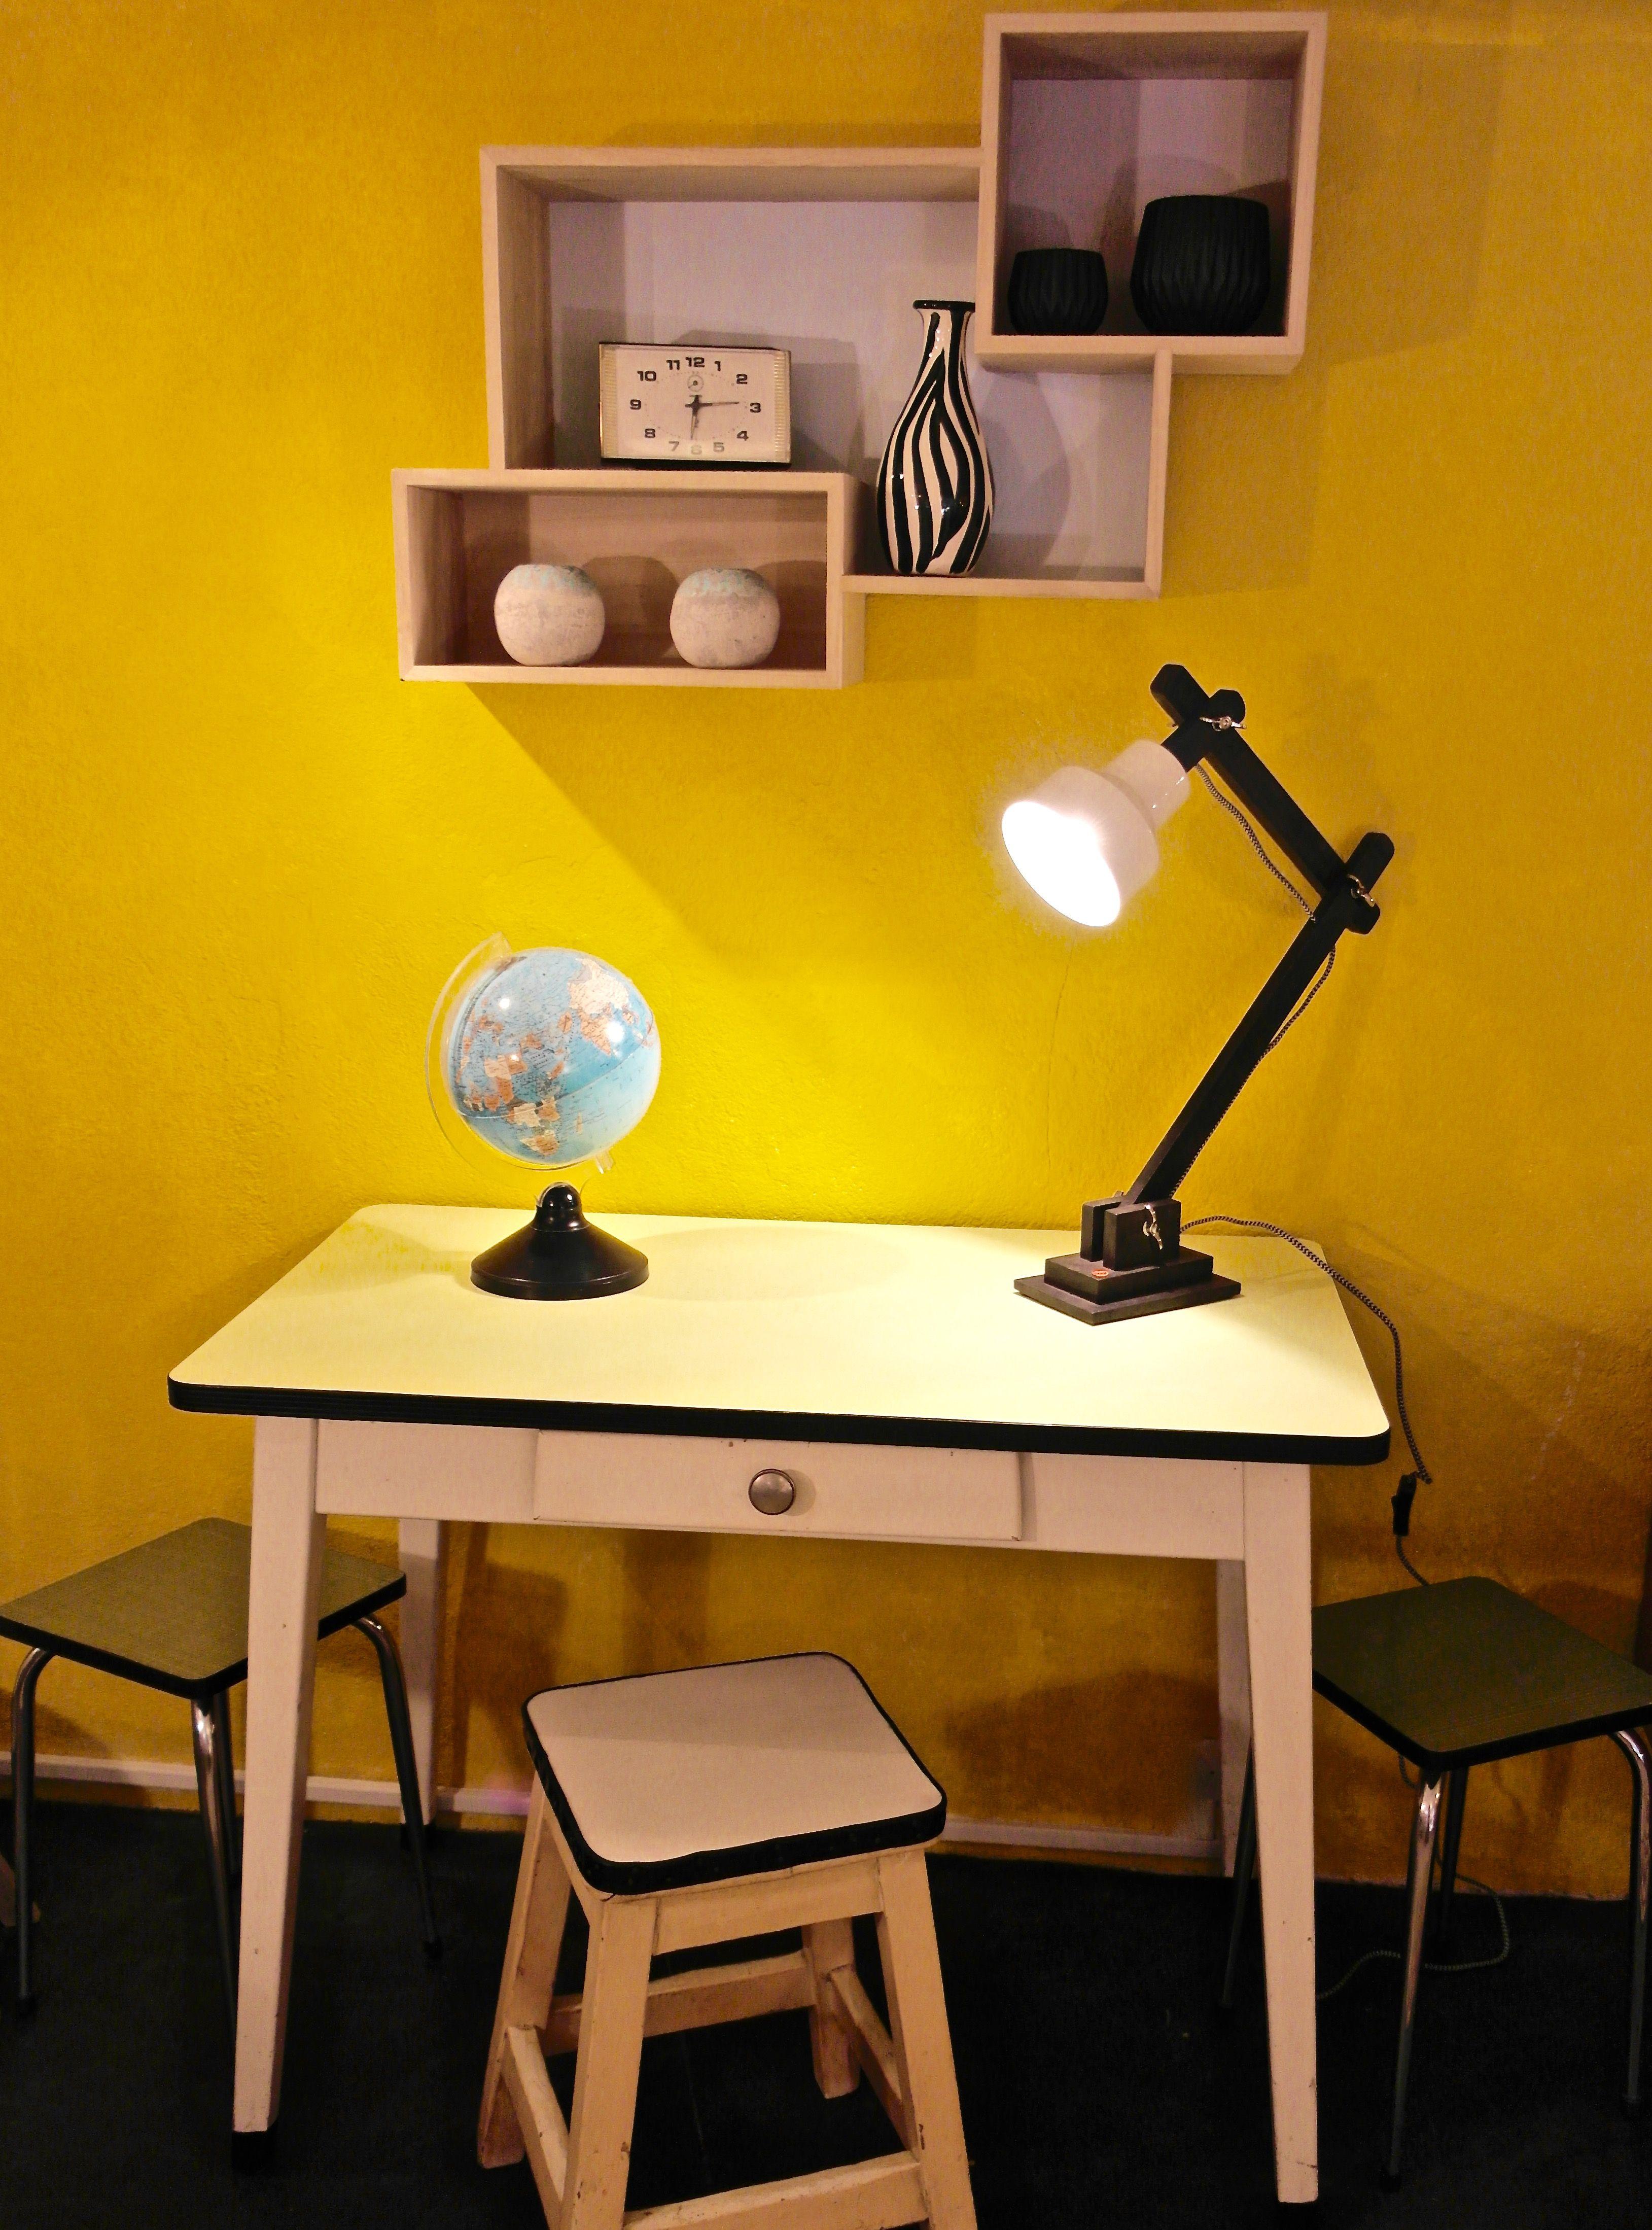 TABLE FORMICA BLEUE CHAISES A uac Mobilier Vintage